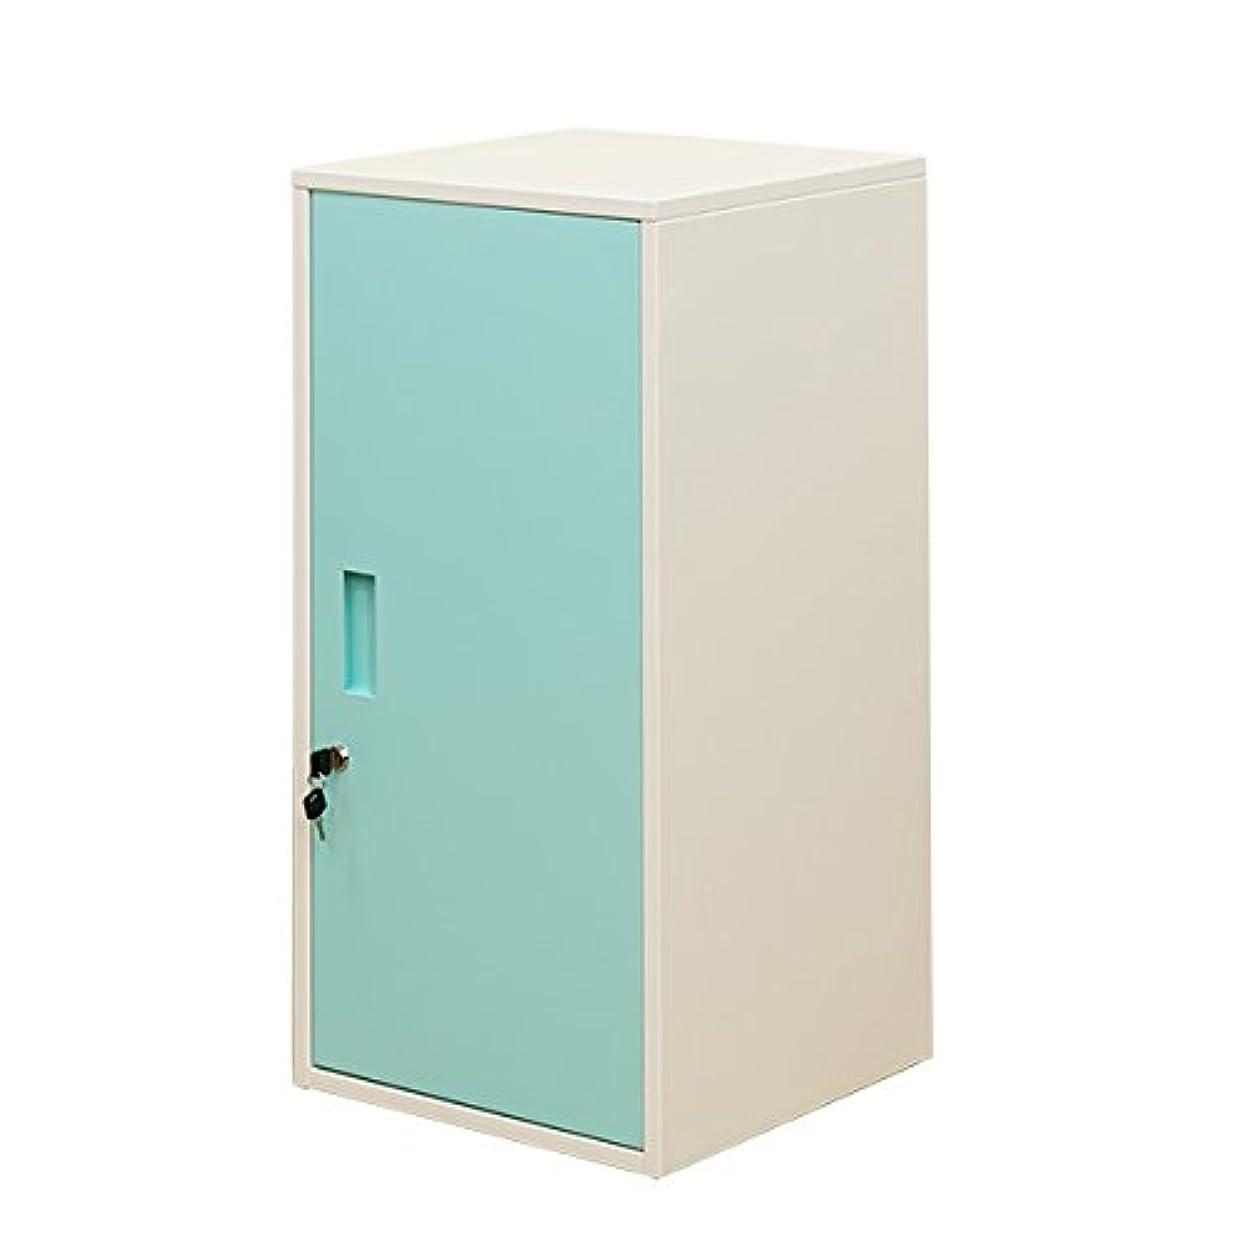 レンジ曖昧な契約したキューブBOX鍵付ロッカーハイタイプ 扉付き収納 ブルー JAC-06BL